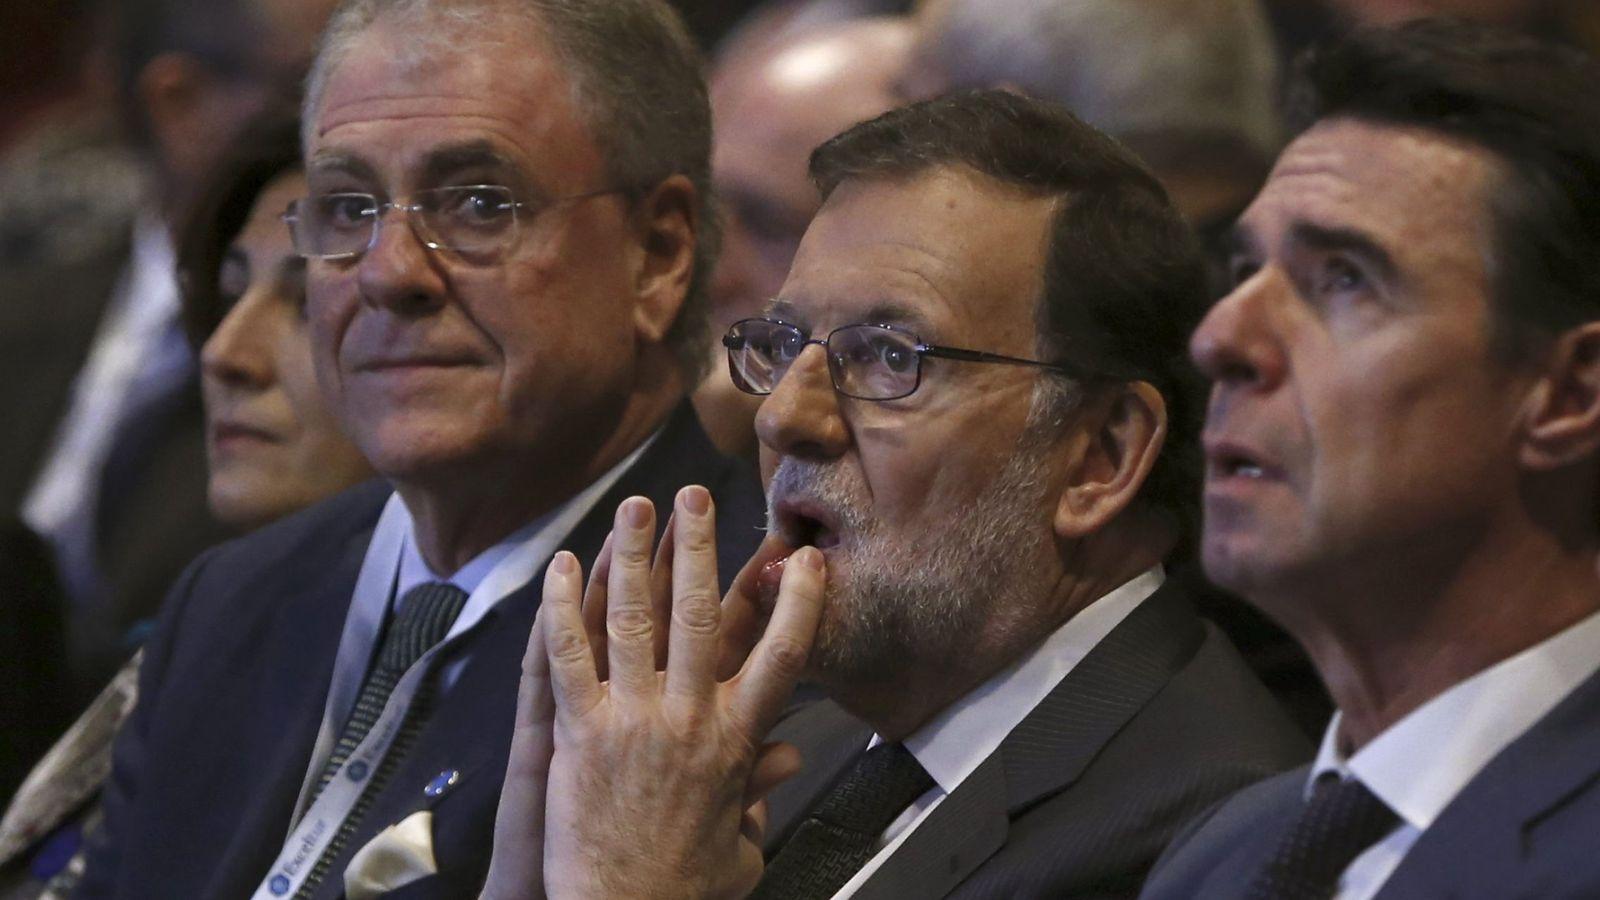 Foto: El presidente del Gobierno, Mariano Rajoy, en una imagen de archivo. (Efe)